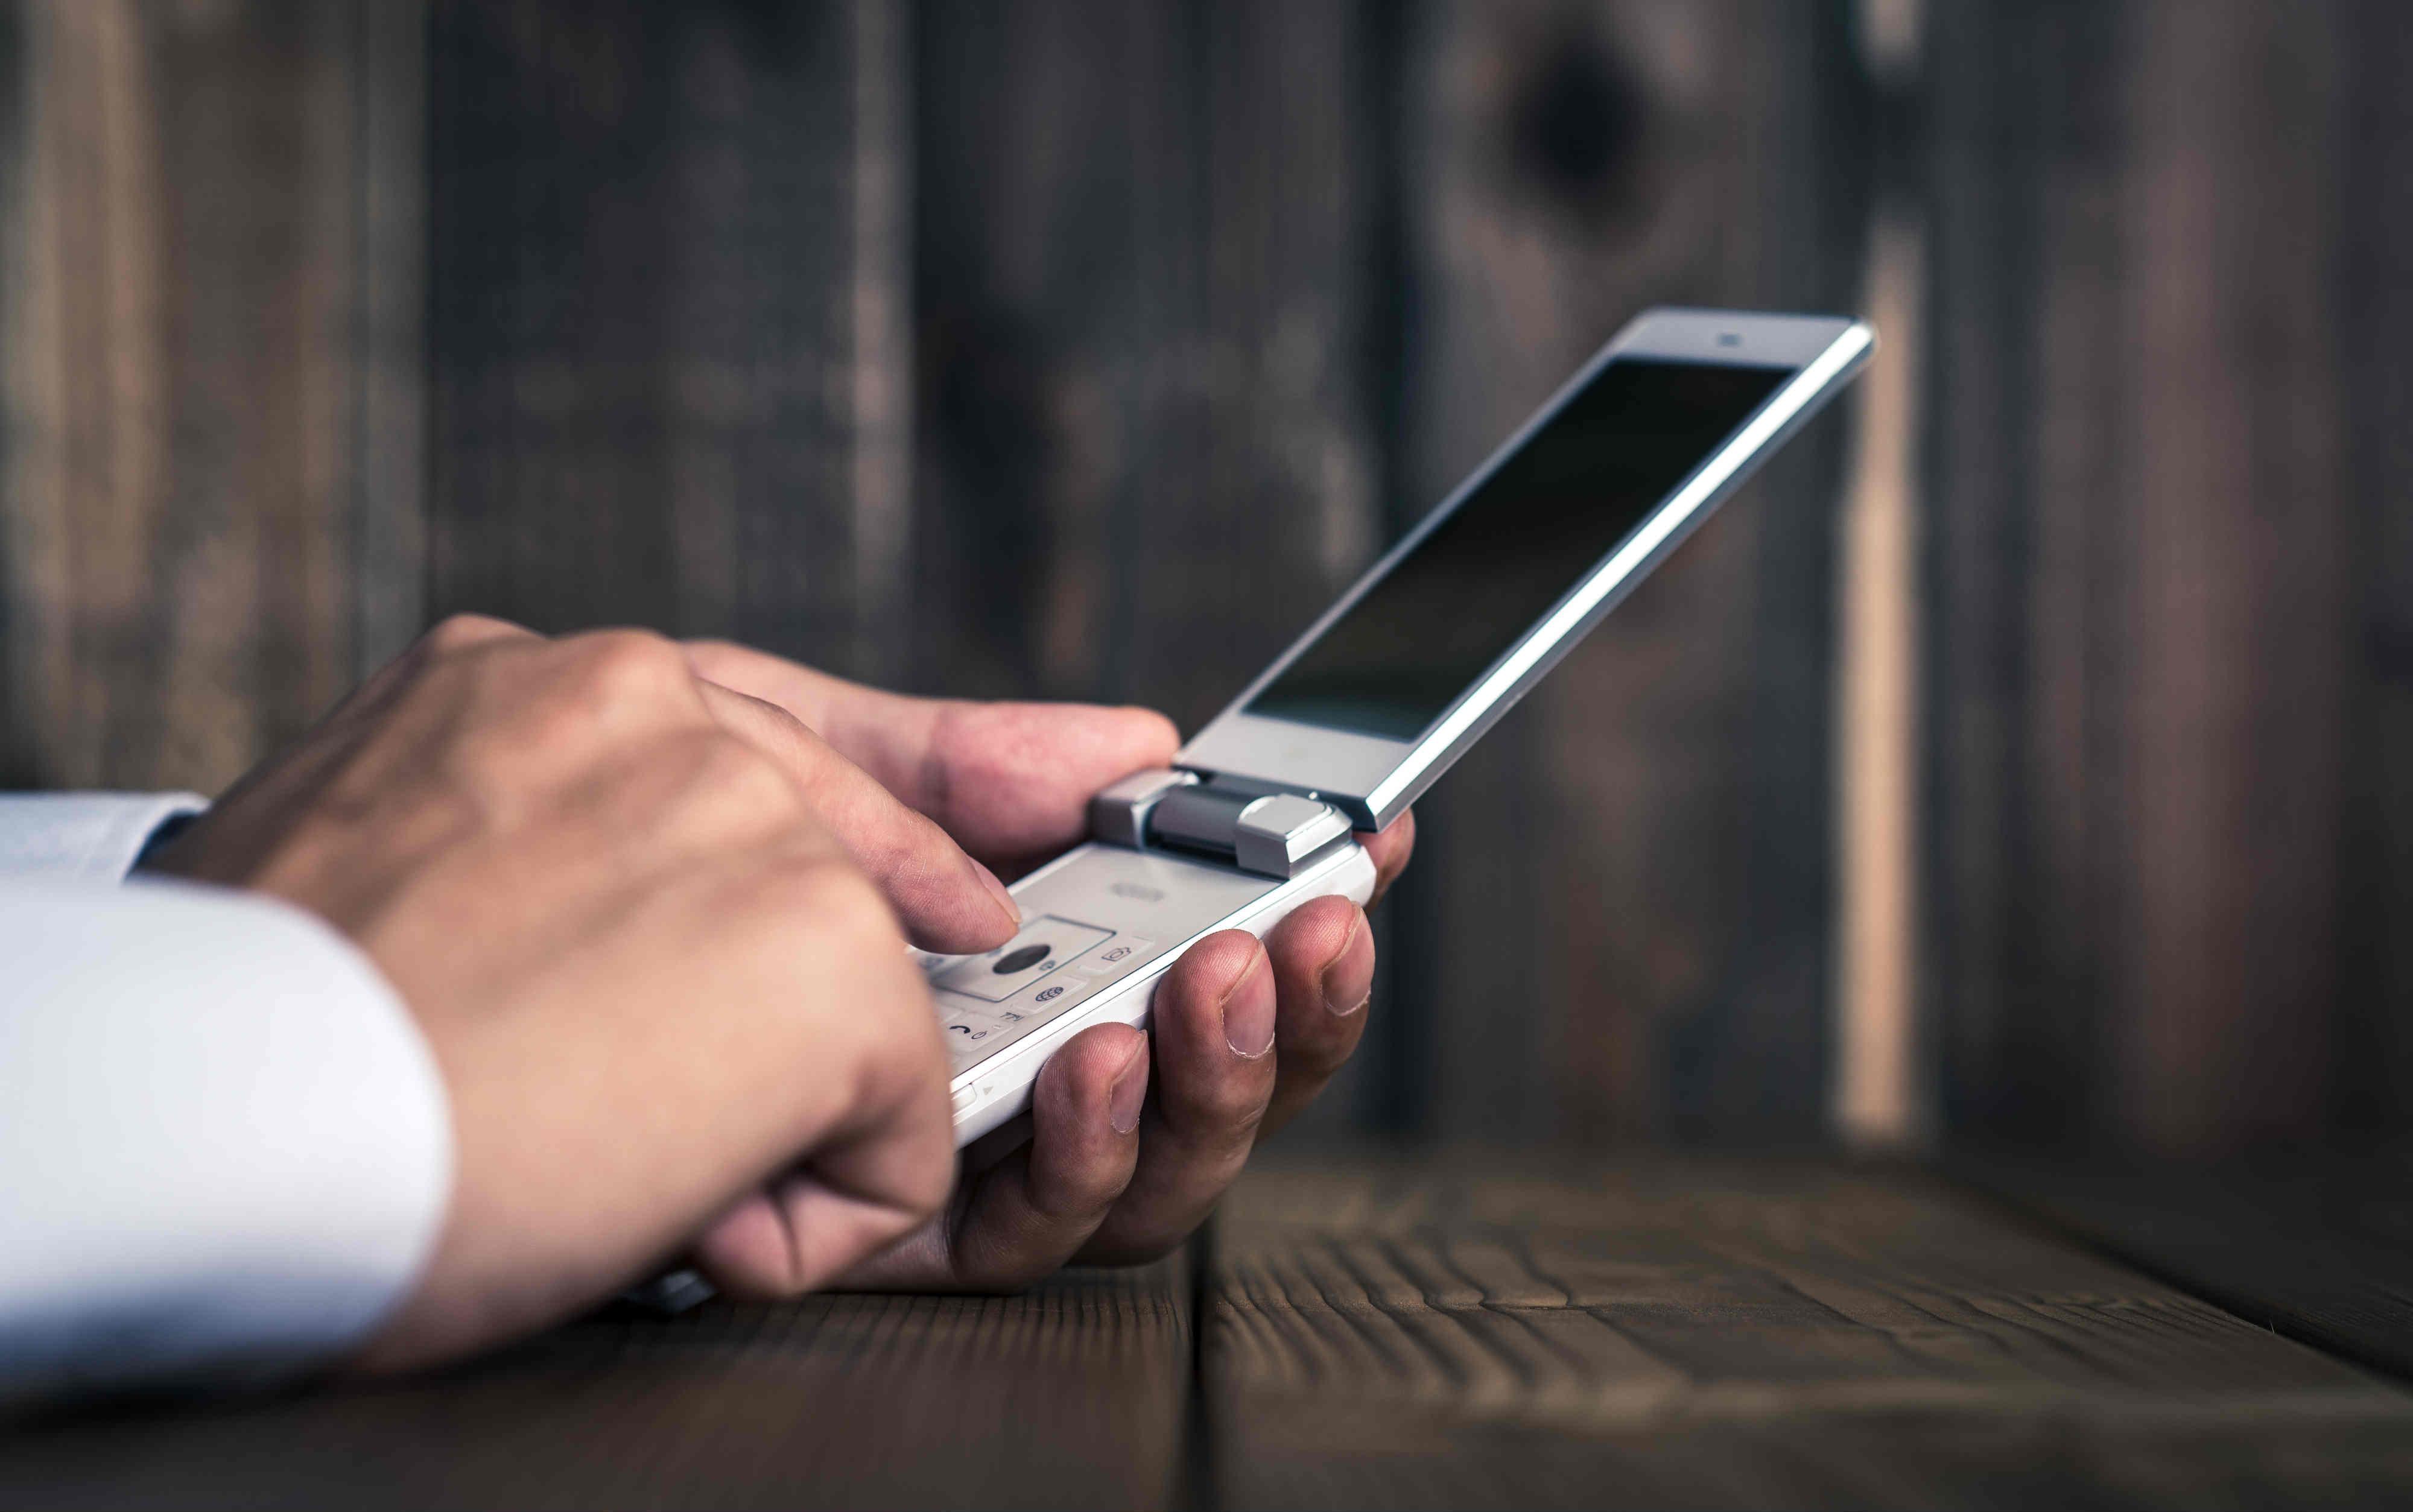 2018年最新版 ソフトバンク携帯(ガラケー)オススメ3機種